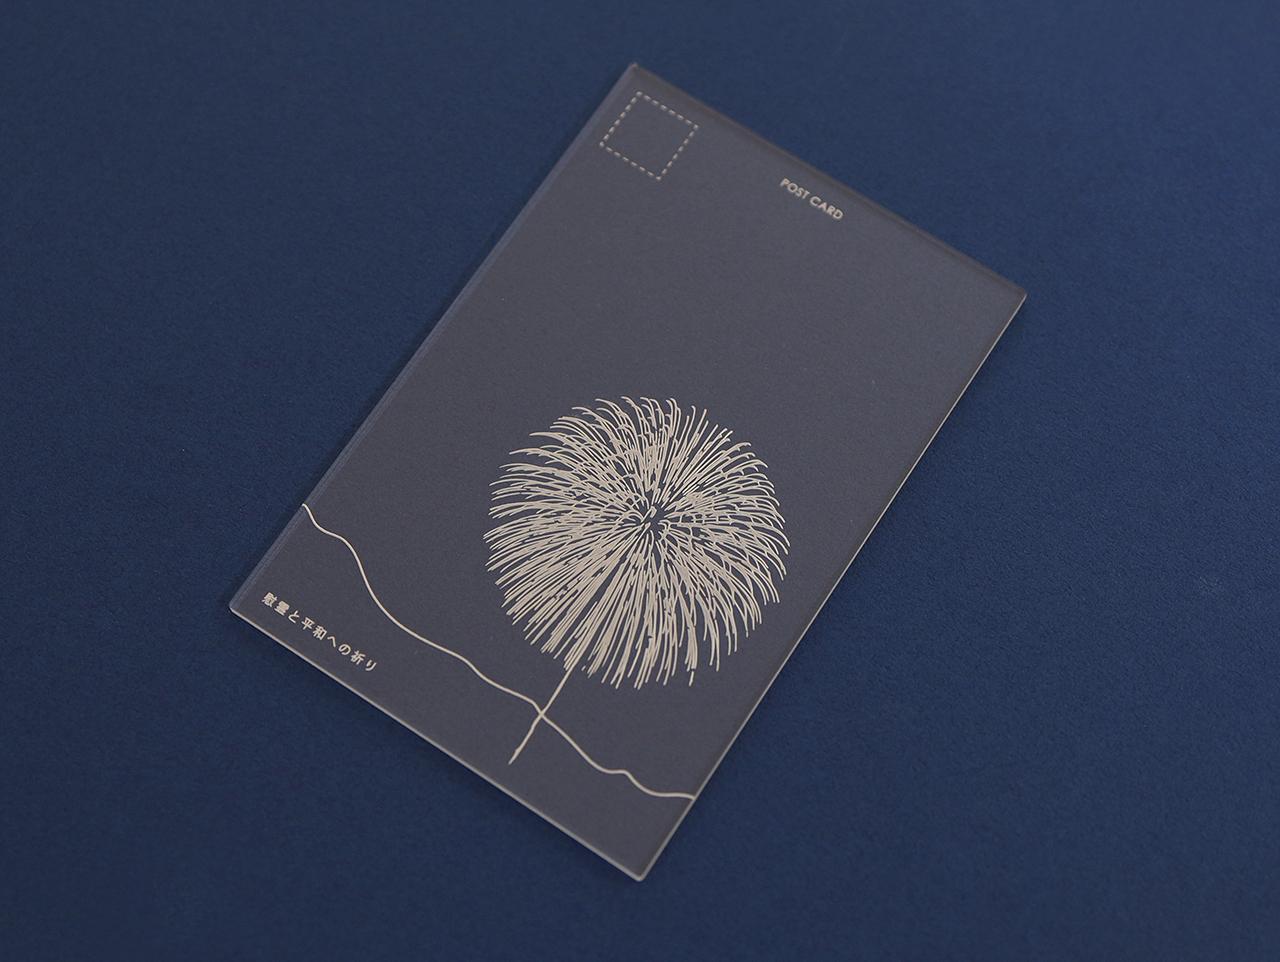 アクリルのポストカード -nagaoka- 花火